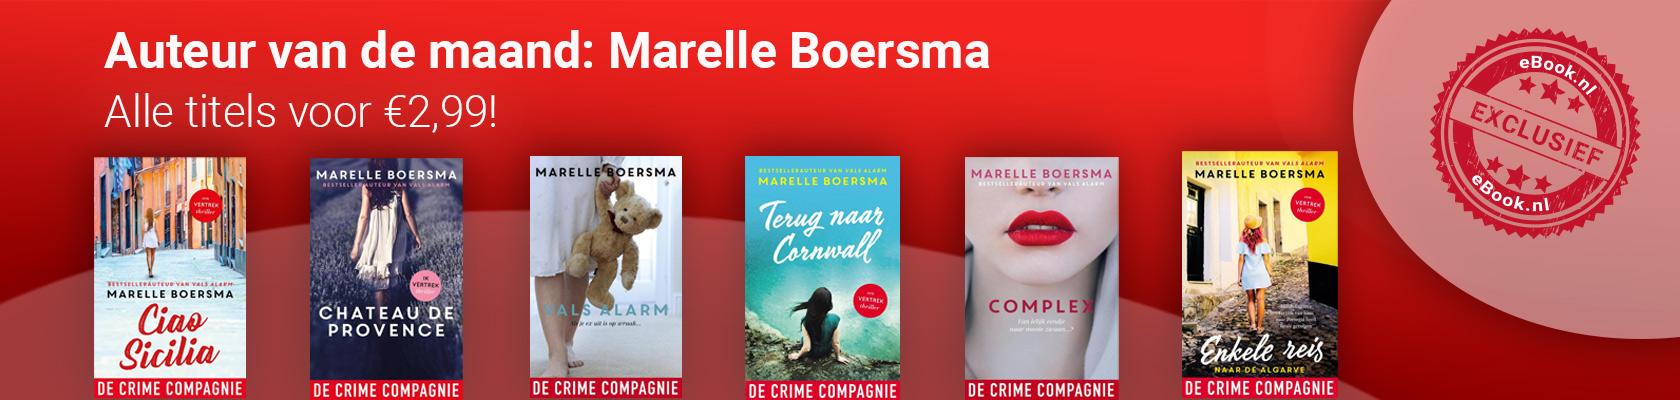 Auteur van de maand: Marelle Boersma